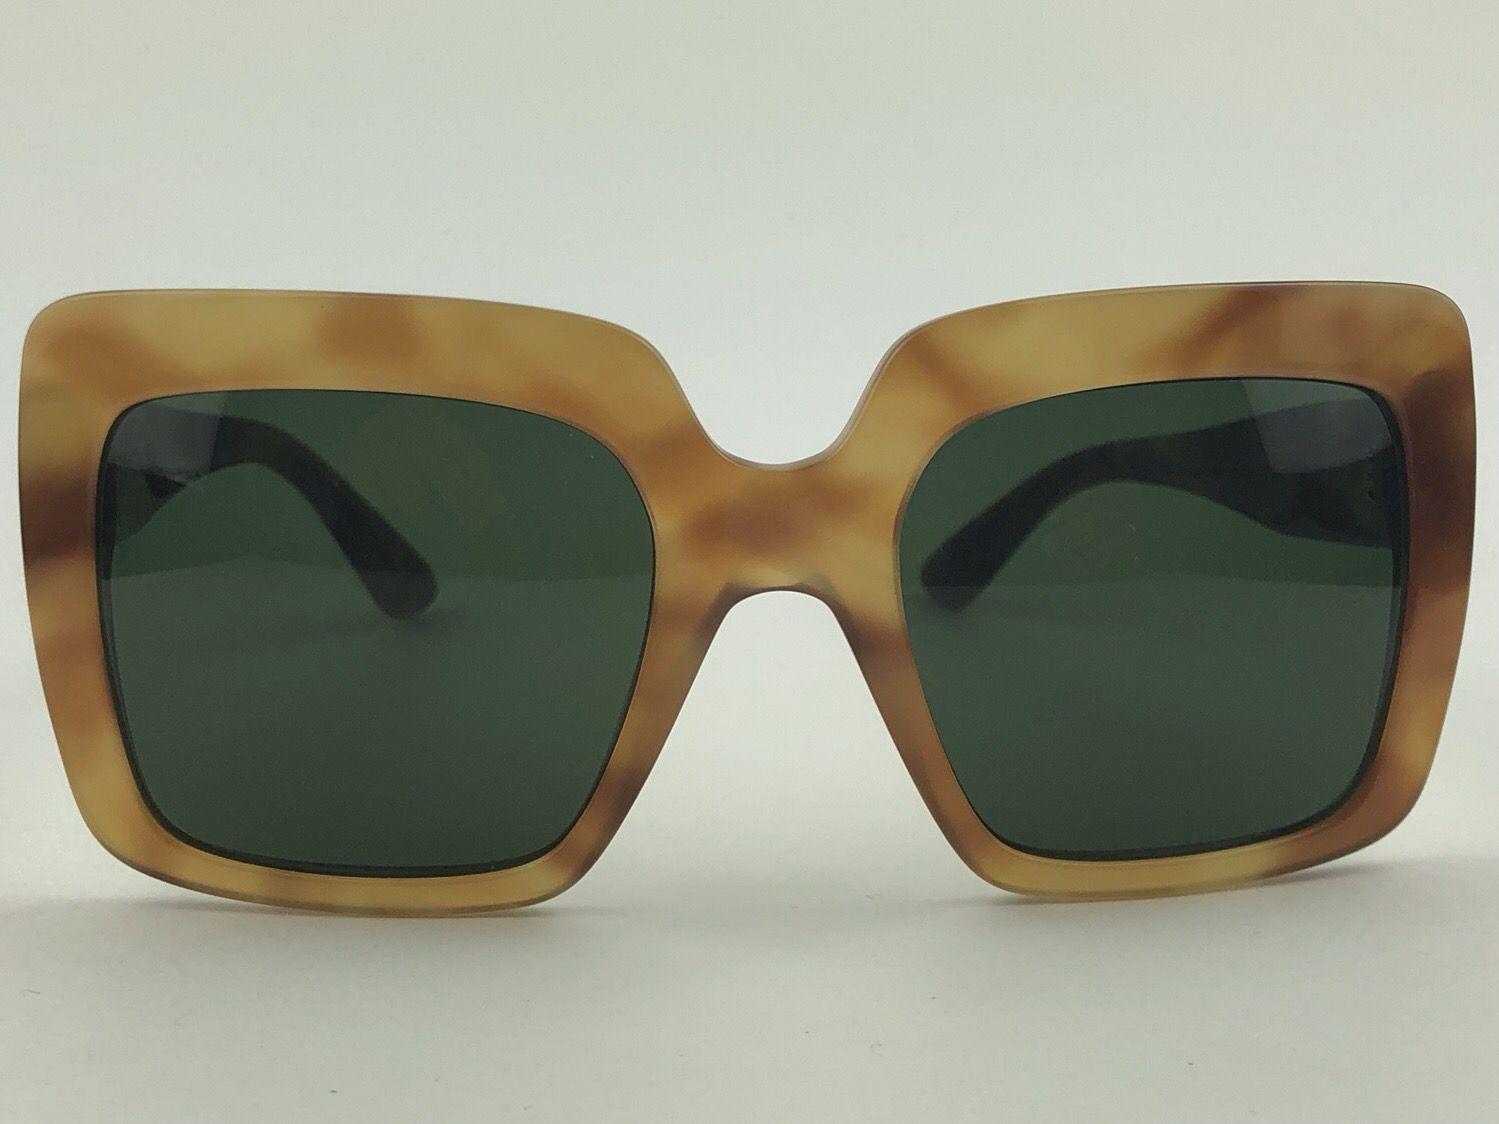 Dolce & Gabbana - DG4310 -  Havana - 313071 - 52/21 - Óculos de sol